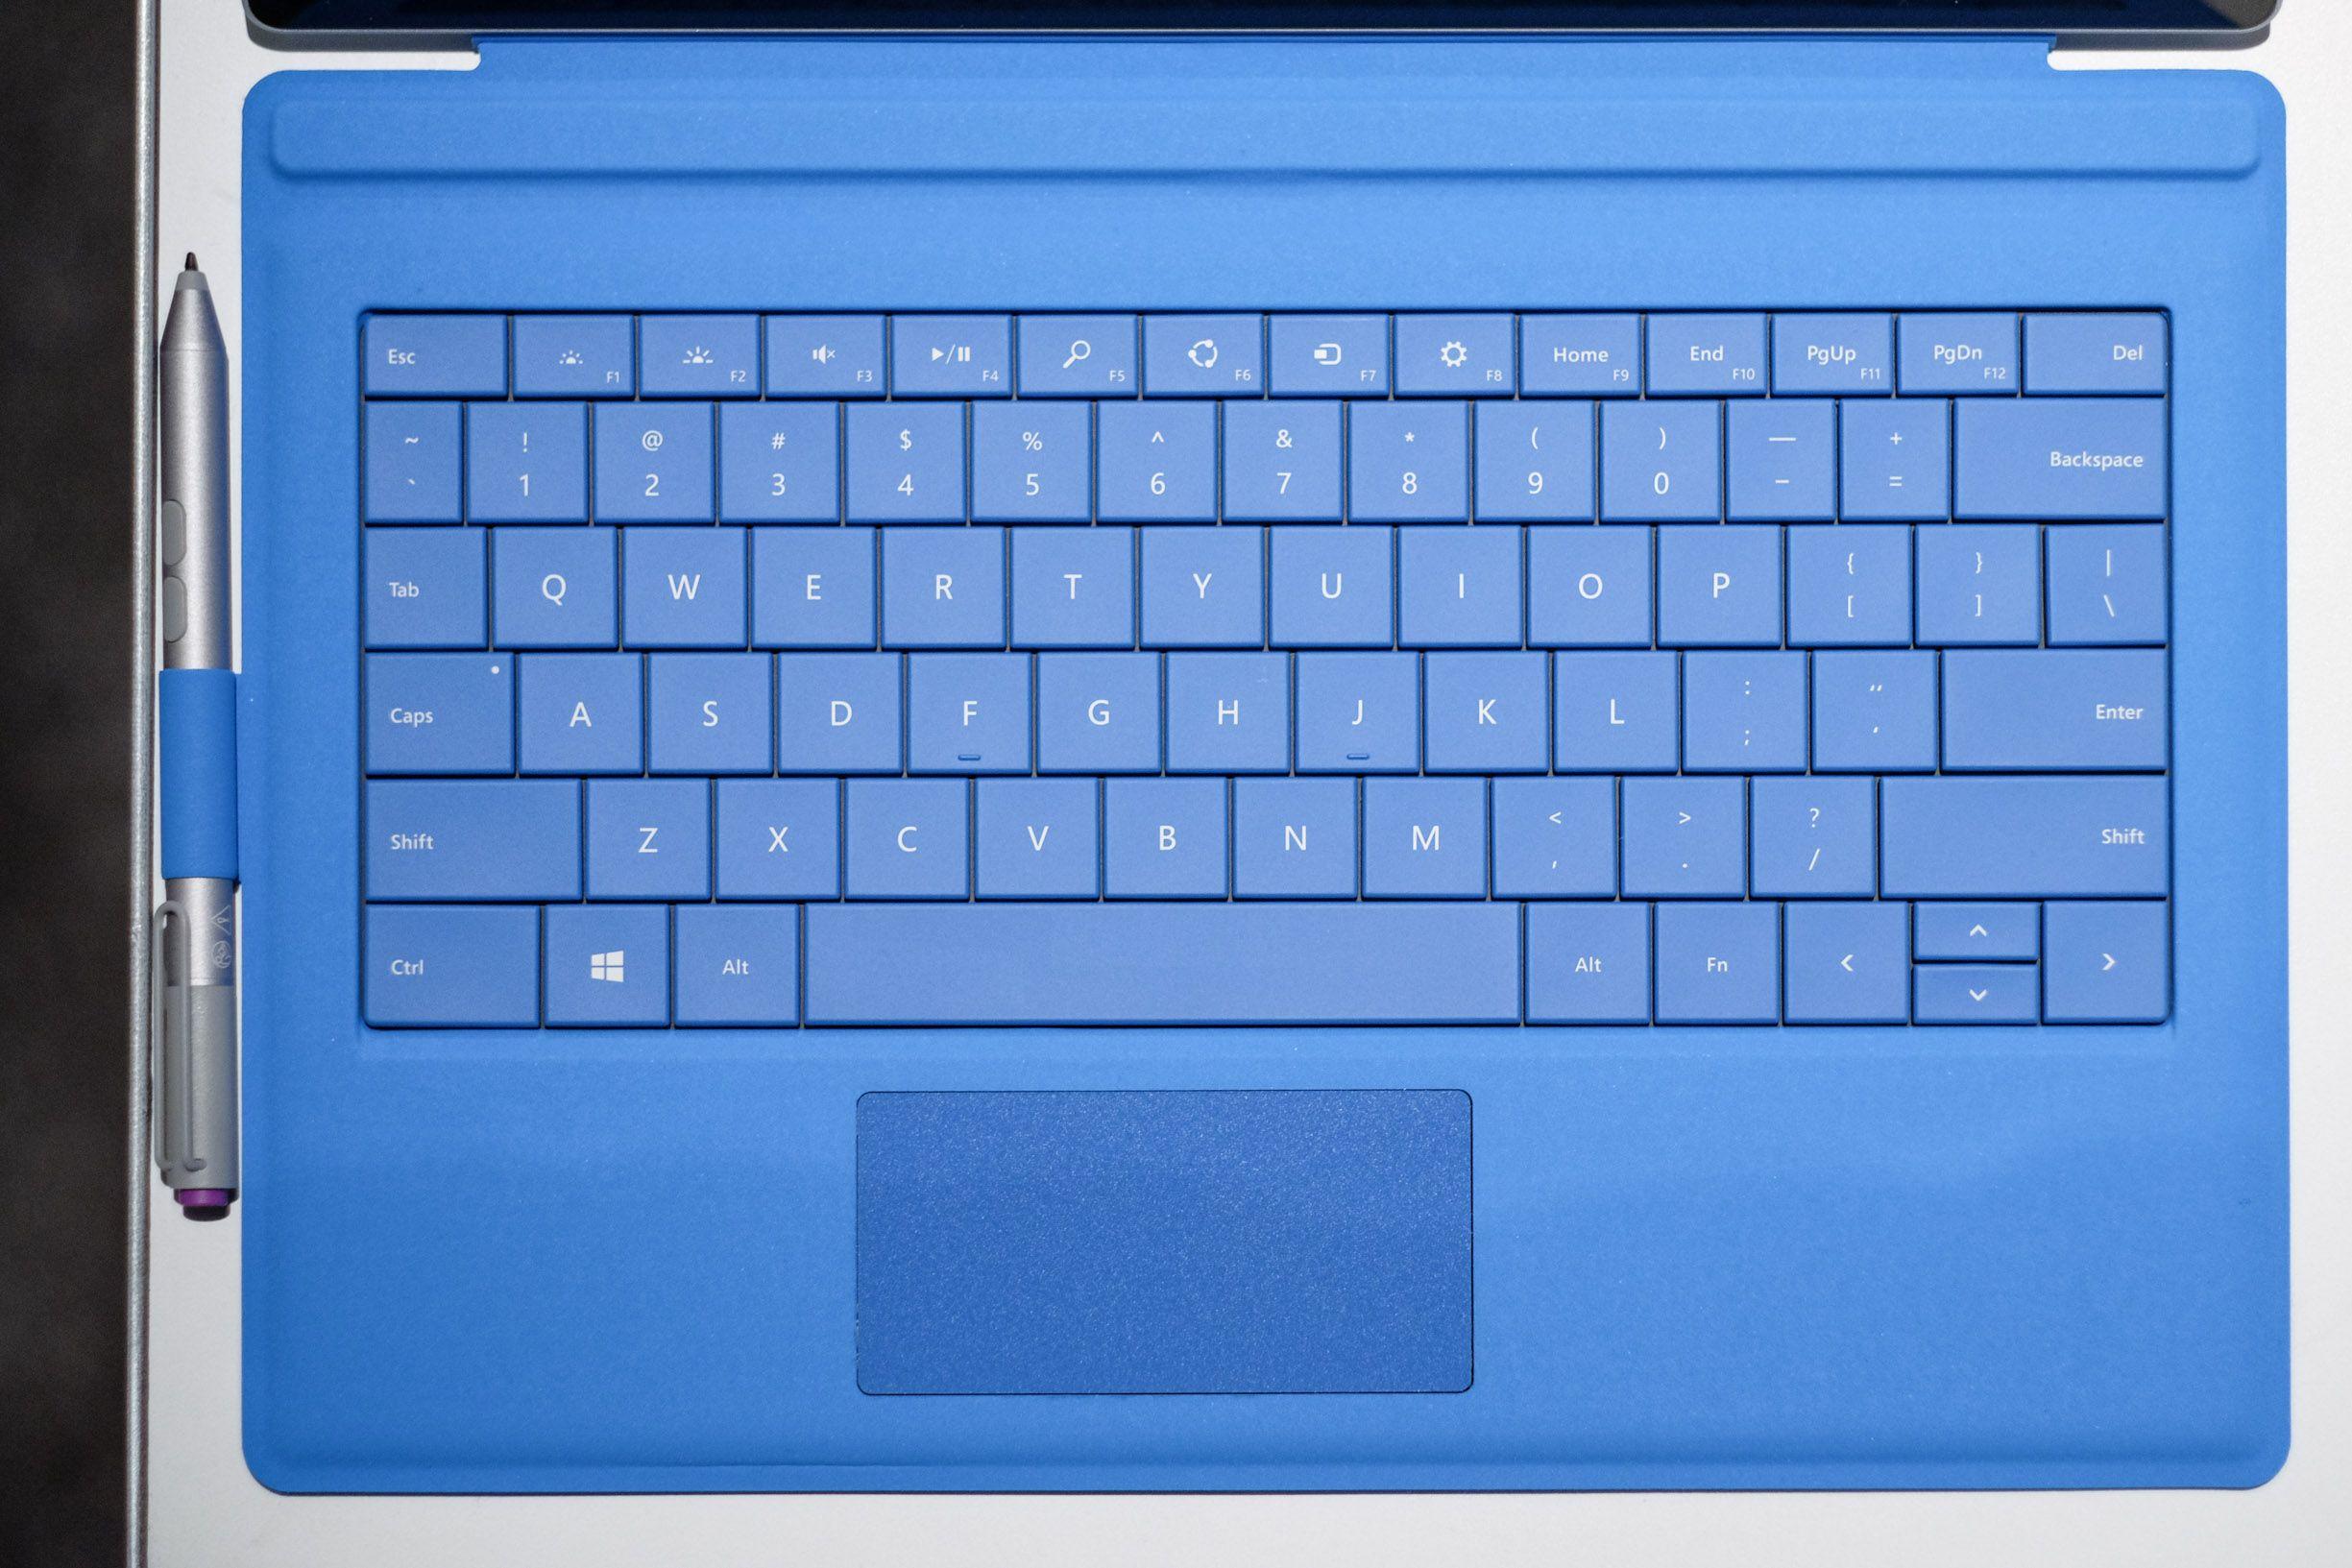 لپ تاپ مایکروسافتMicrosoft Surface Pro 3 سیوان شاپ بانه